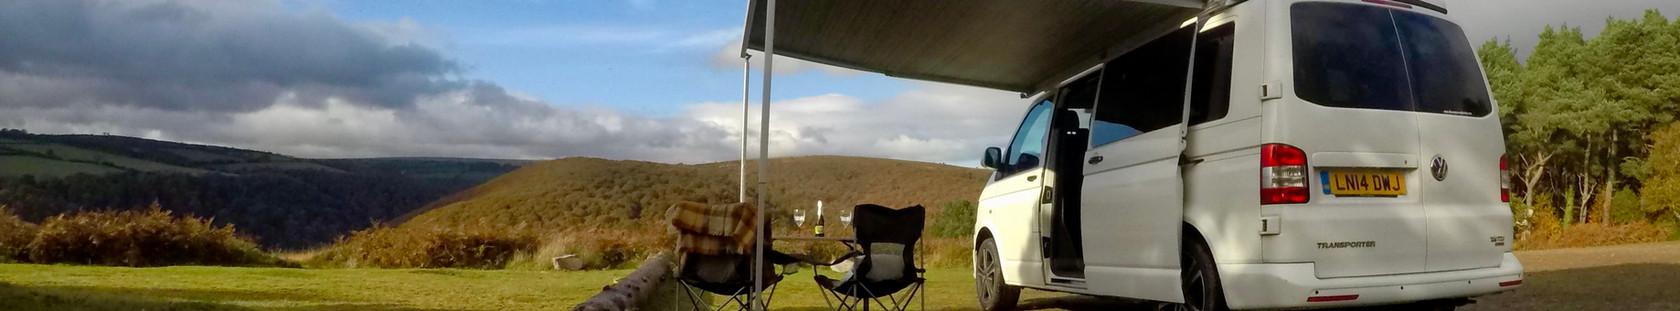 VW Campervan Hire Hills gloucester